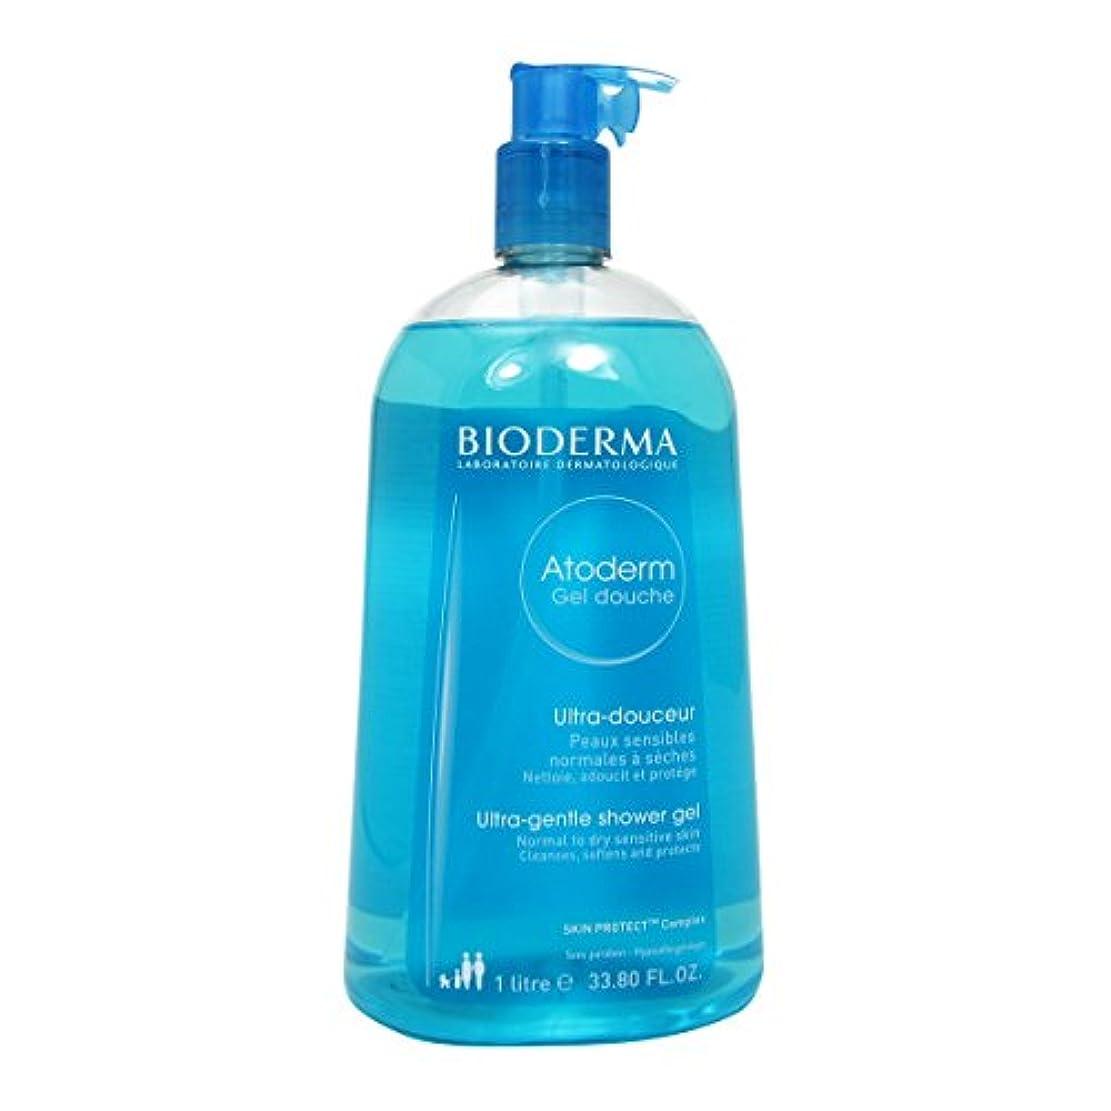 調和のとれた優しさカフェテリアBioderma Atoderm Gentle Shower Gel 1000ml [並行輸入品]